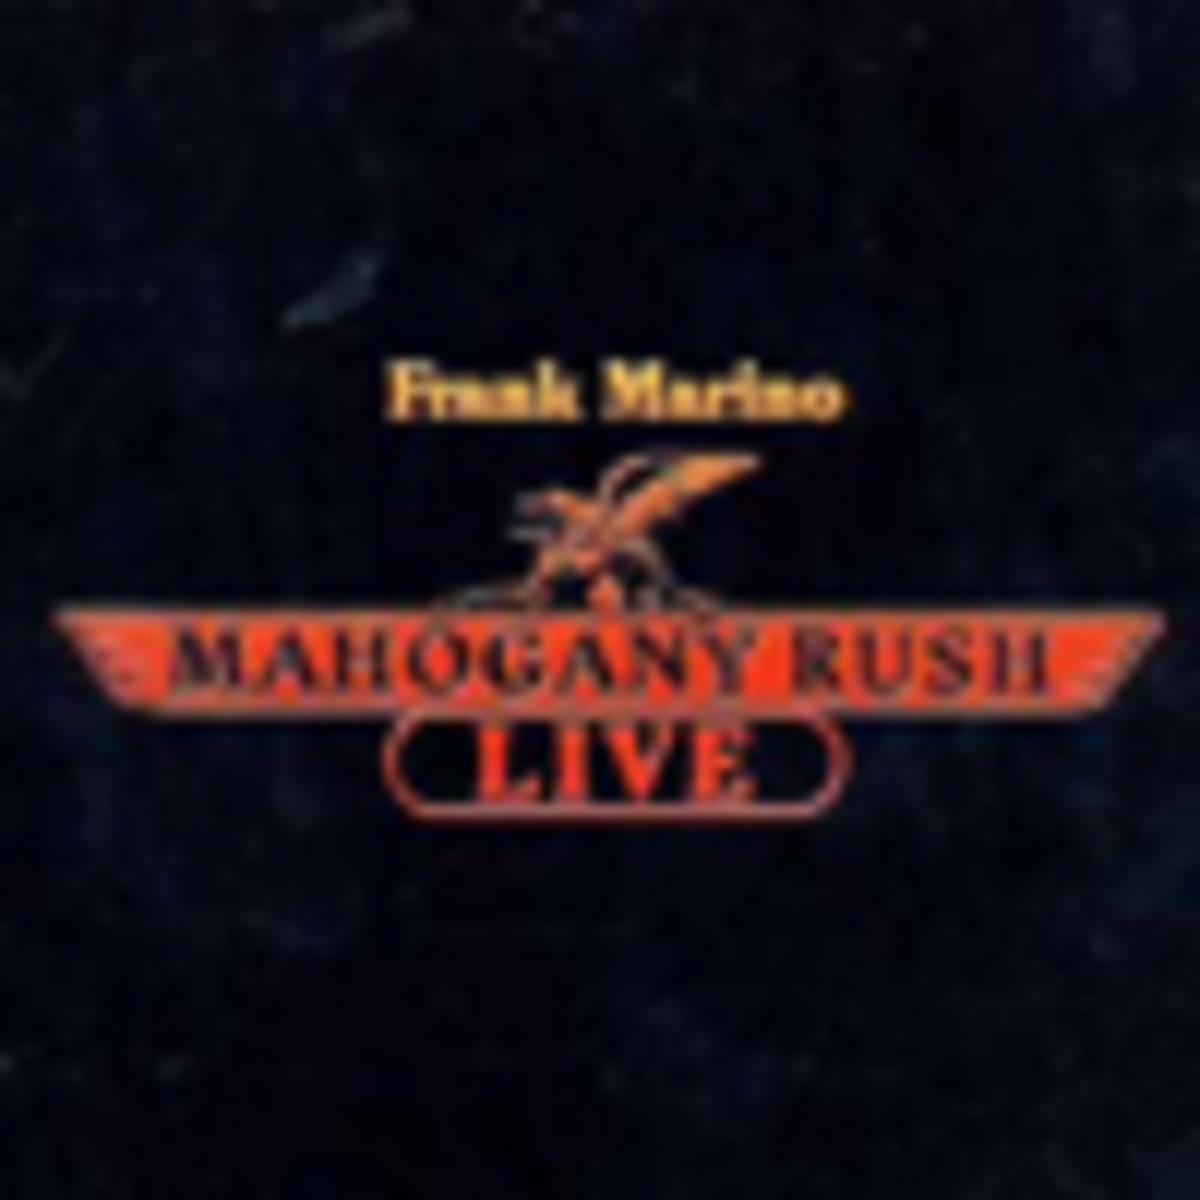 Frank Marino Mahogany Rush Live